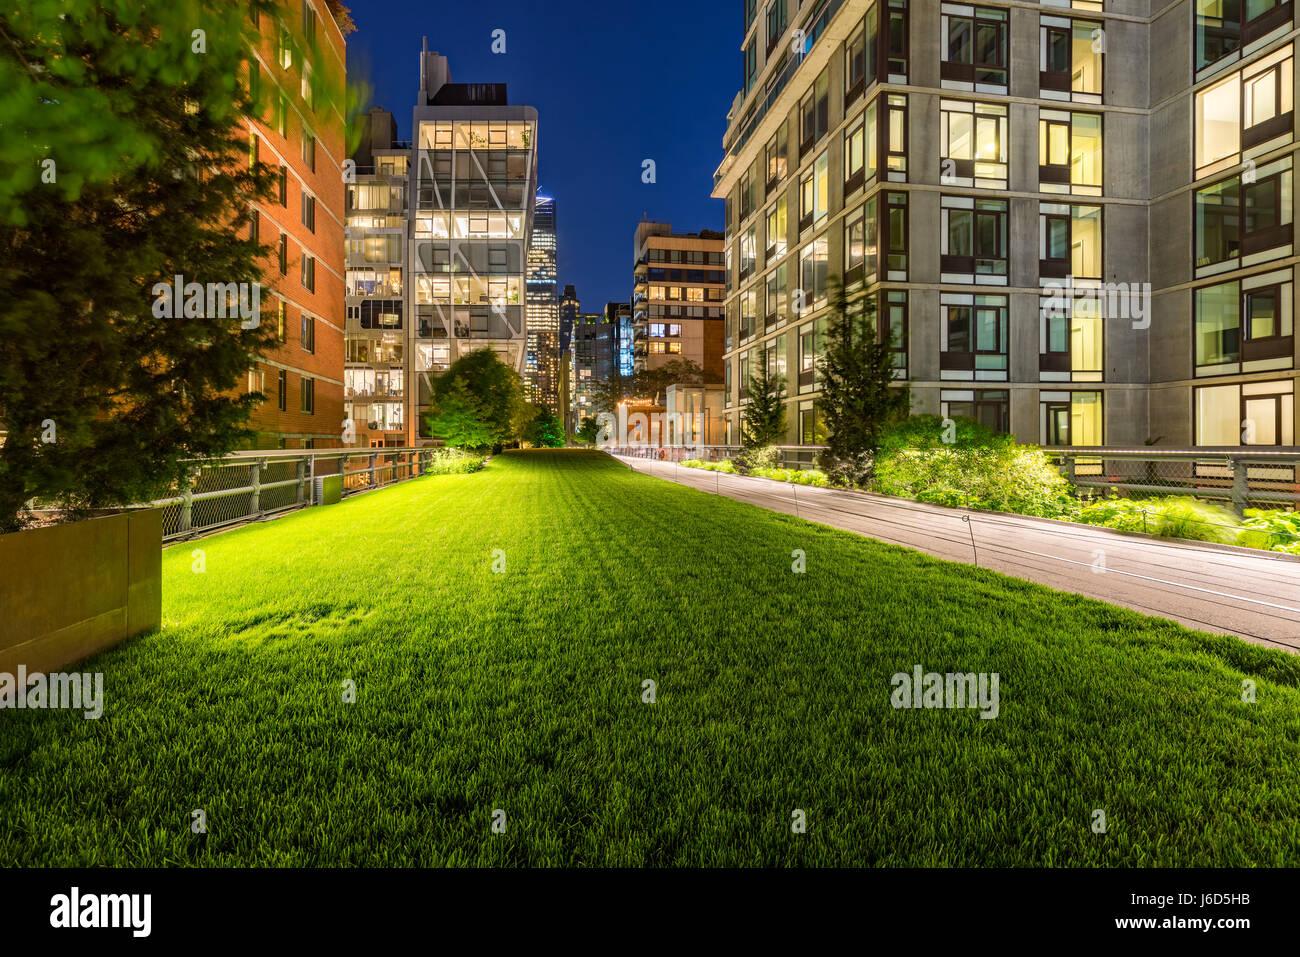 Highline-Promenade und Rasen in der Dämmerung mit Citylights im Herzen von Chelsea. Manhattan, New York City Stockbild